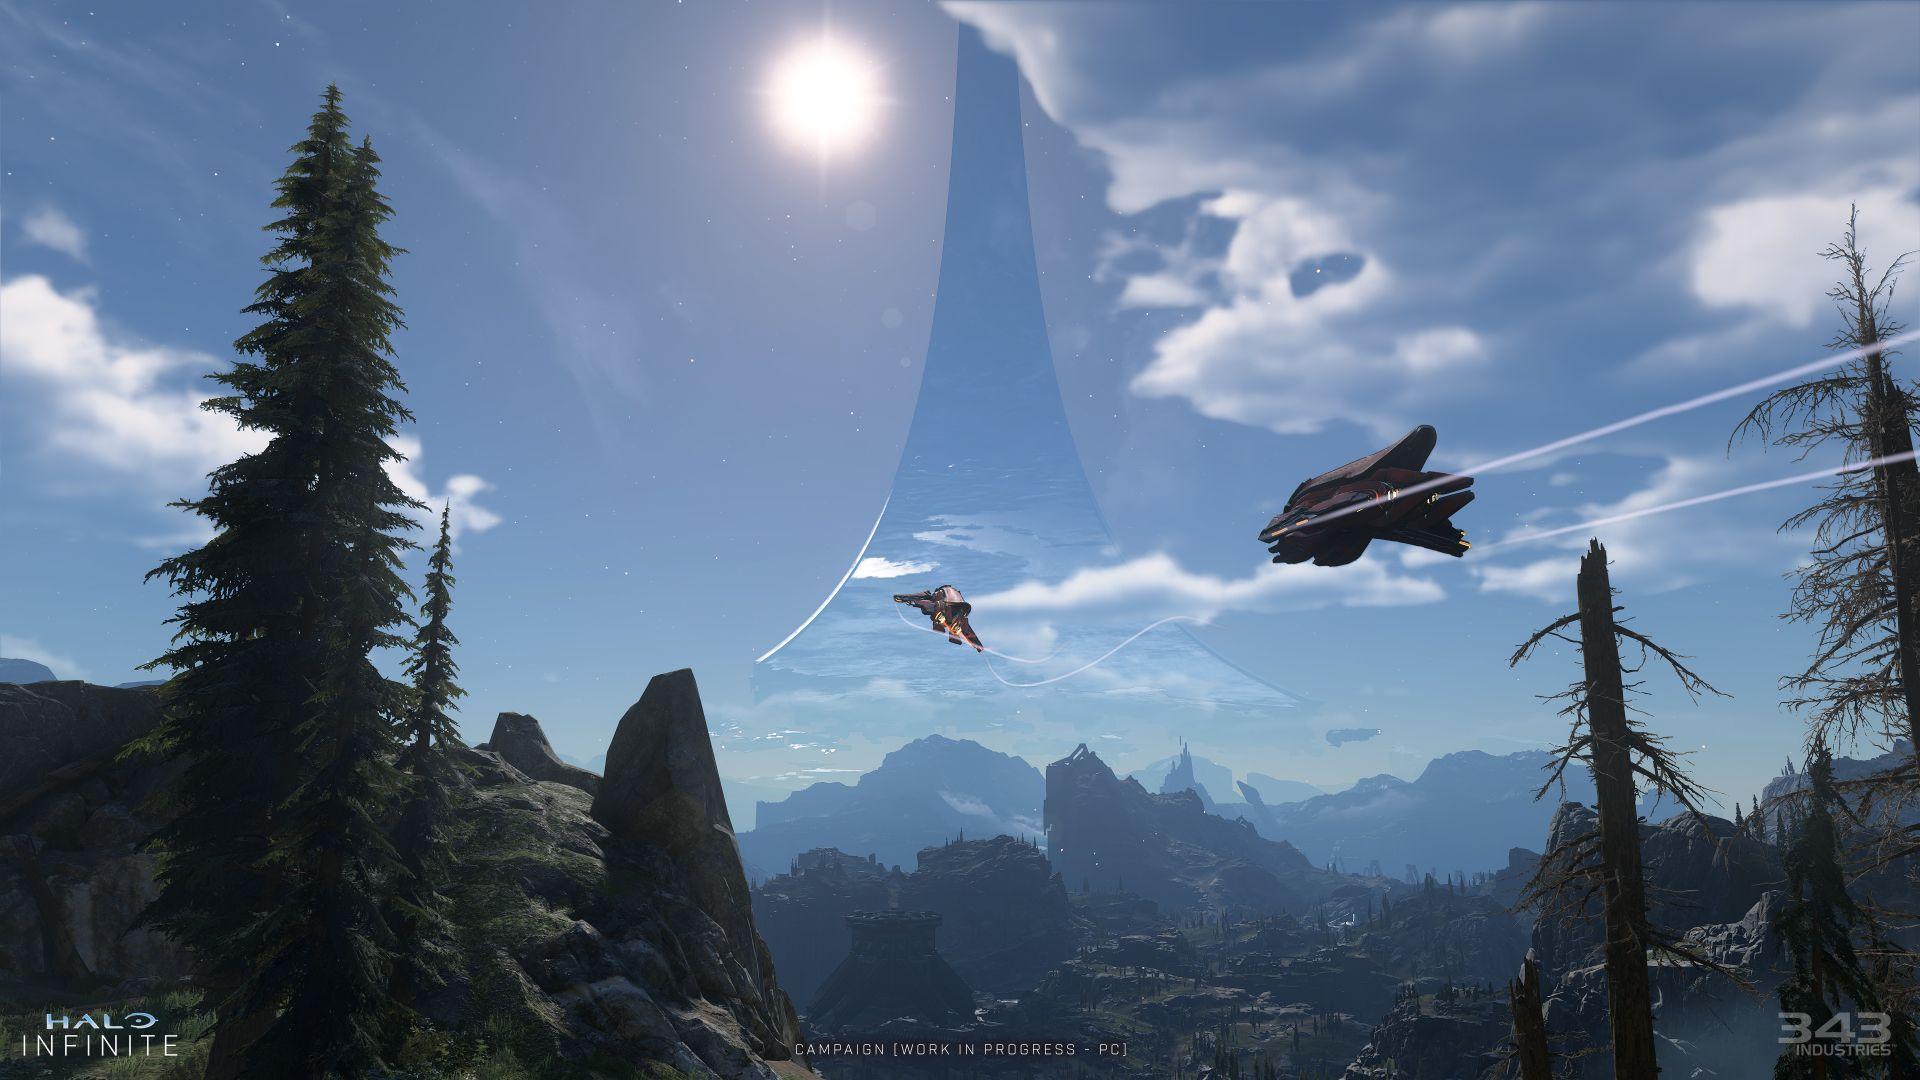 تریلر گیم پلی بازی Halo Infinite